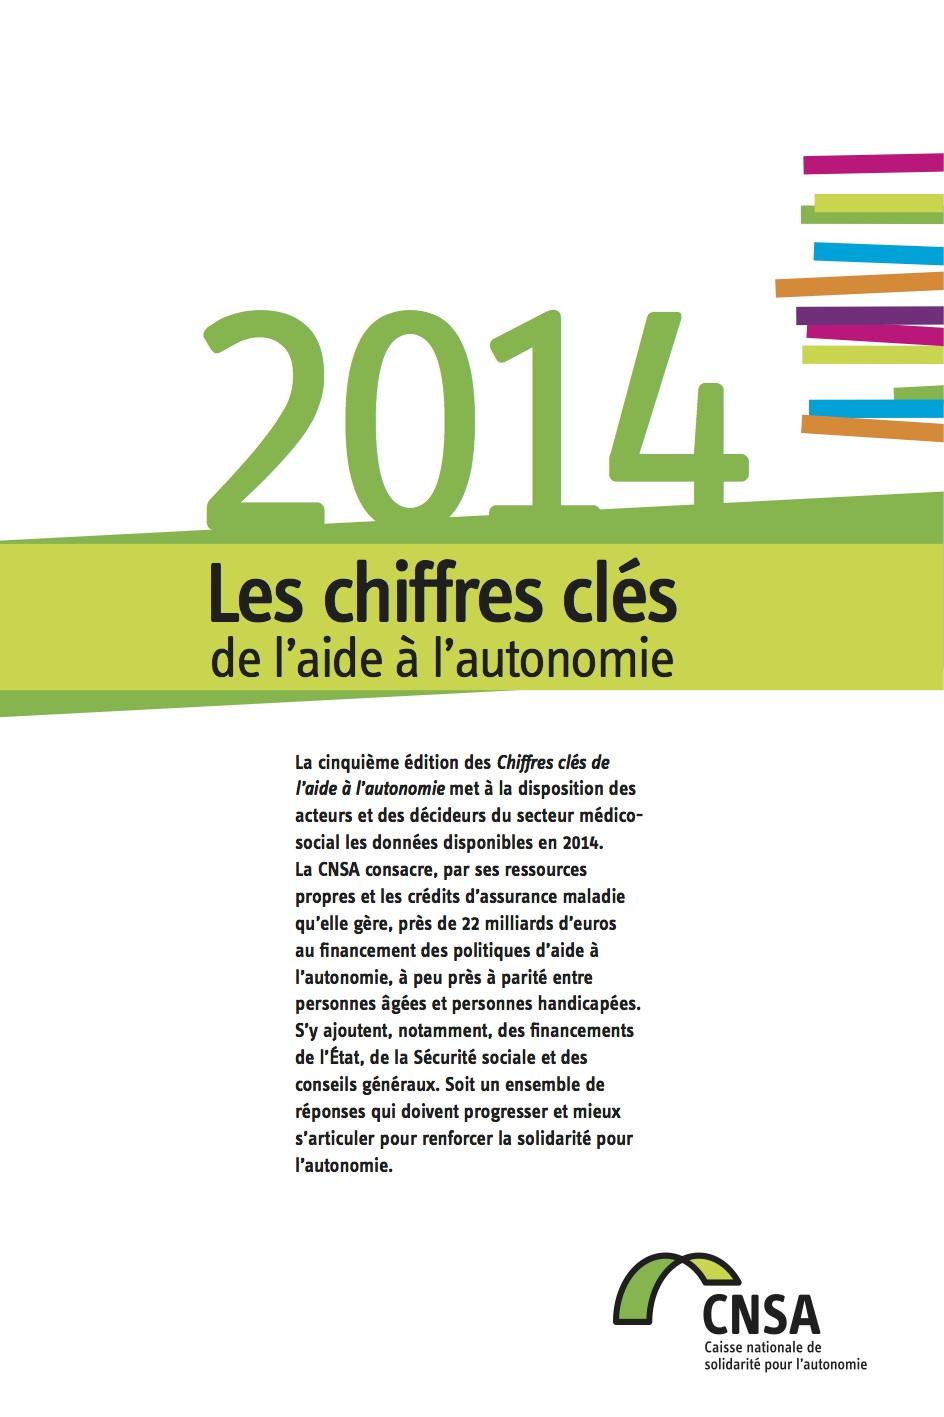 Les chiffres clés de l'aide à l'autonomie 2014 (PDF, 1.57 Mo)